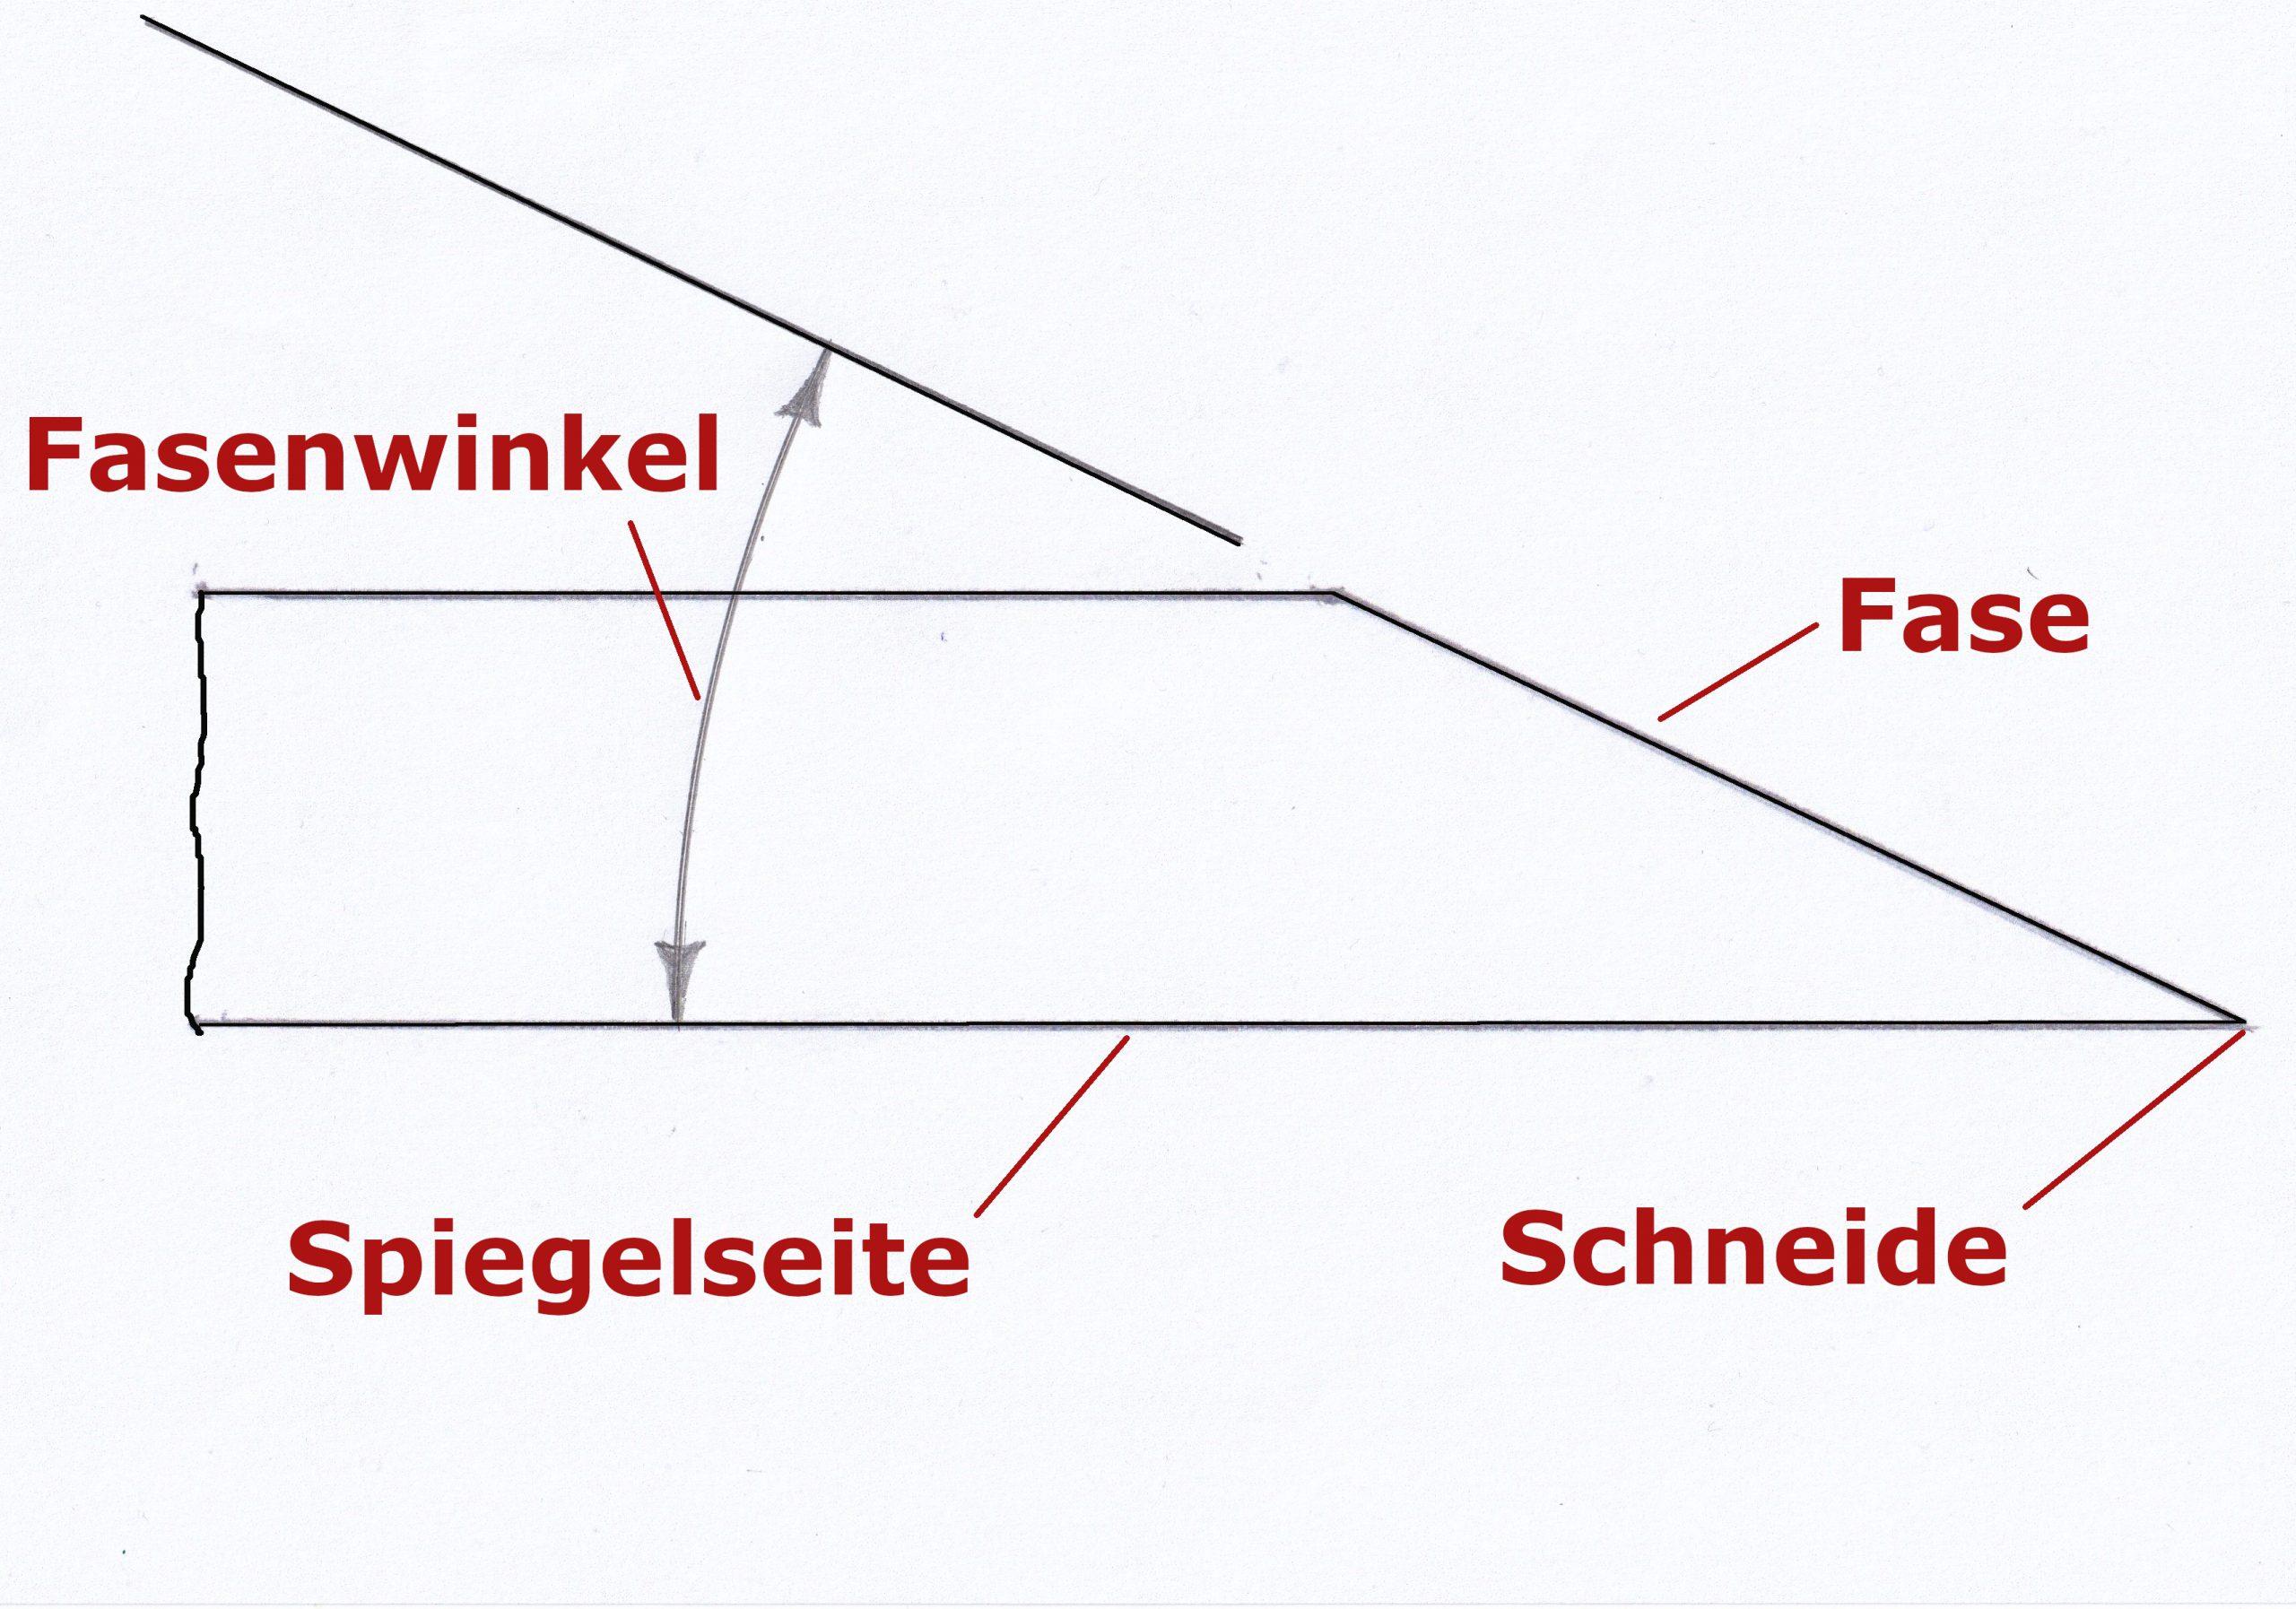 Bezeichnungen Schneidengeometrie in Zeichnung